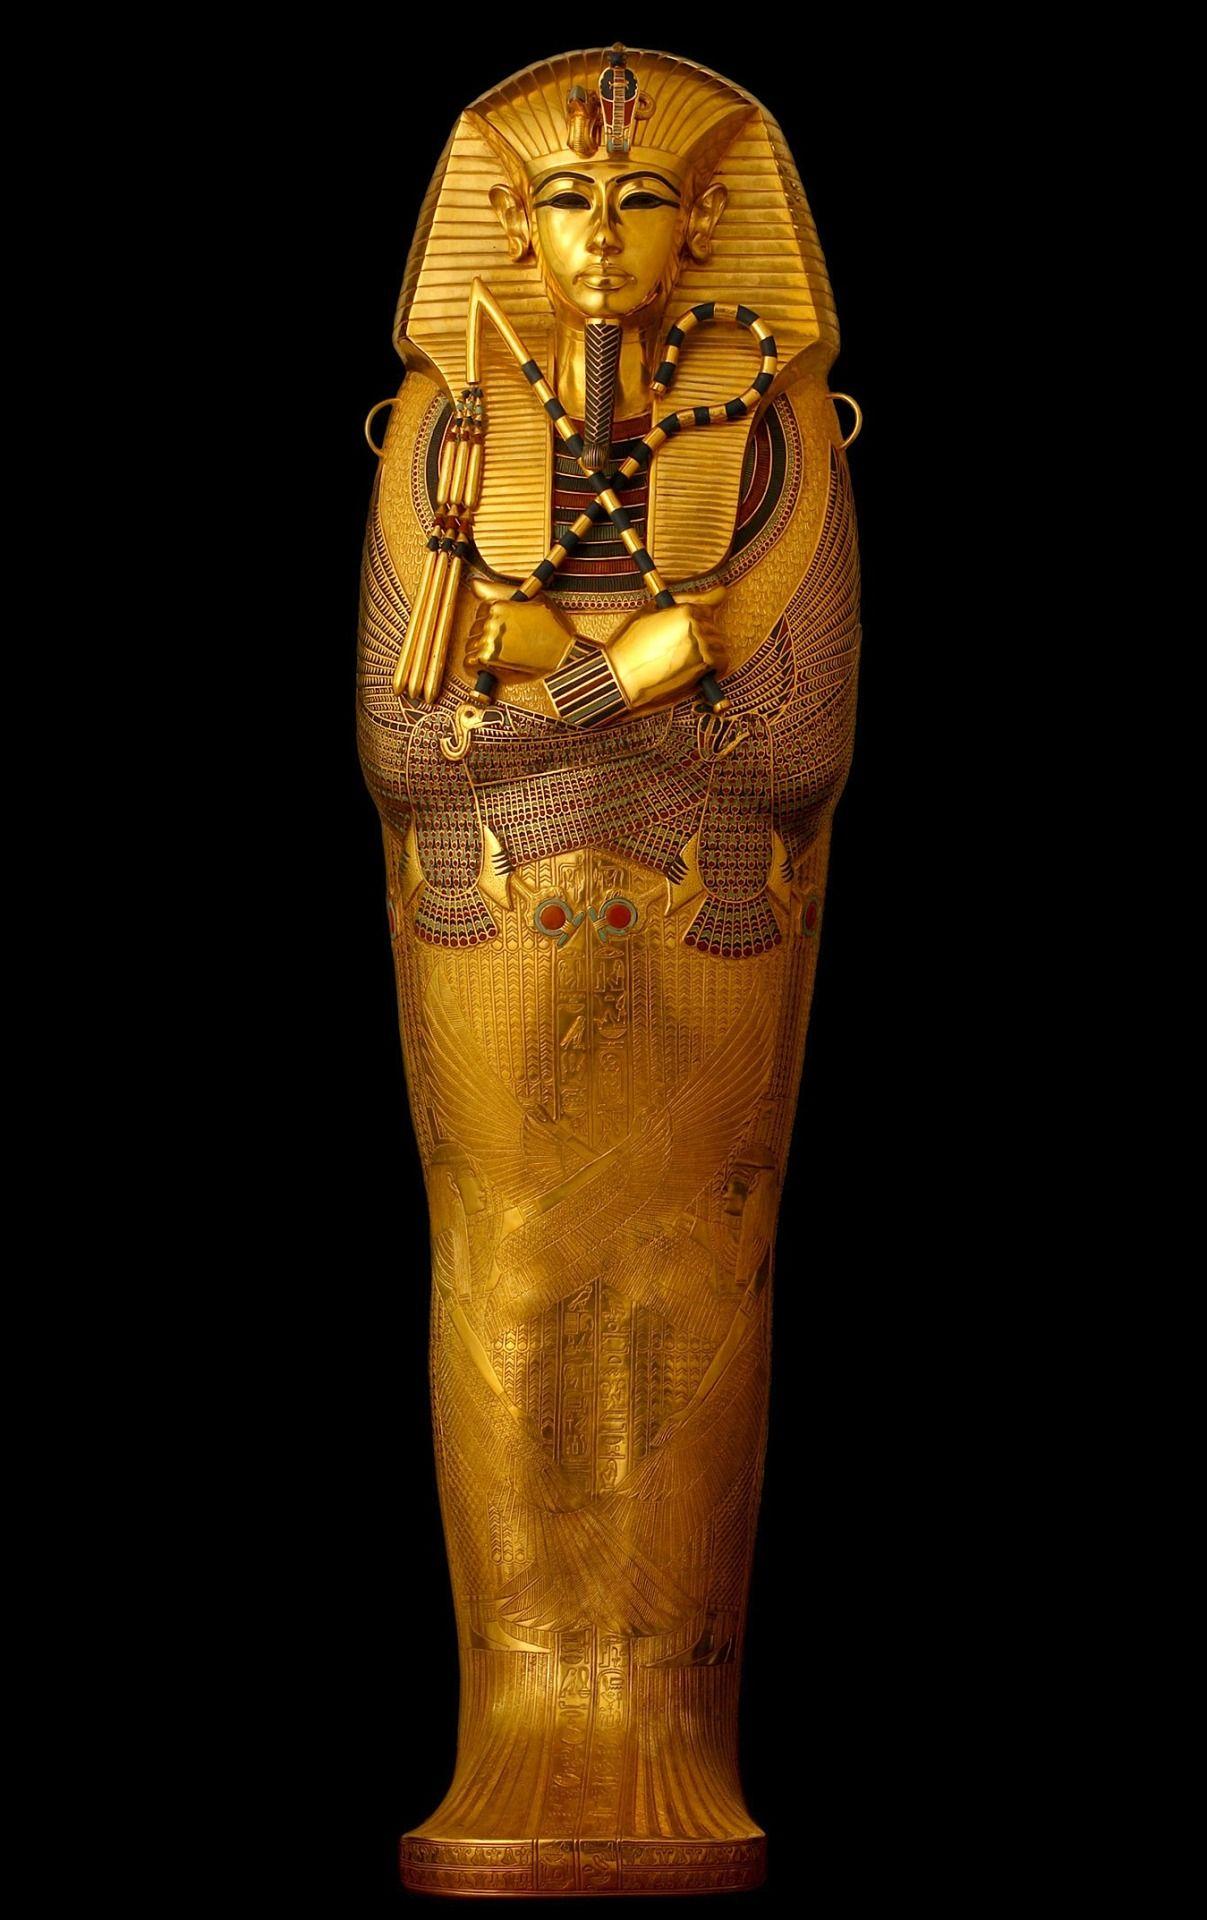 Das Grab Des Kindkonigs Tutanchamun Archaologie Antike Agyptische Kunst